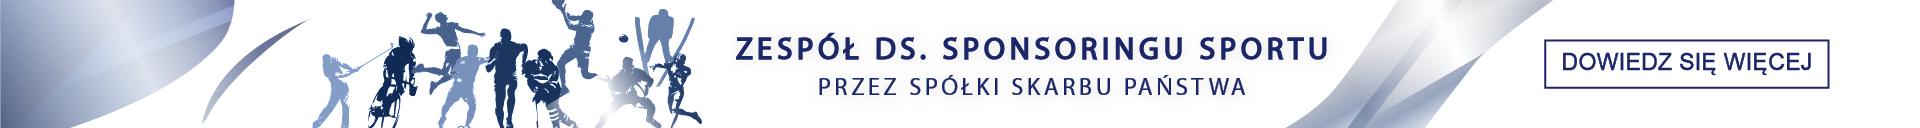 Zespół do spraw sponsoringu sportu przez spółki Skarbu Państwa